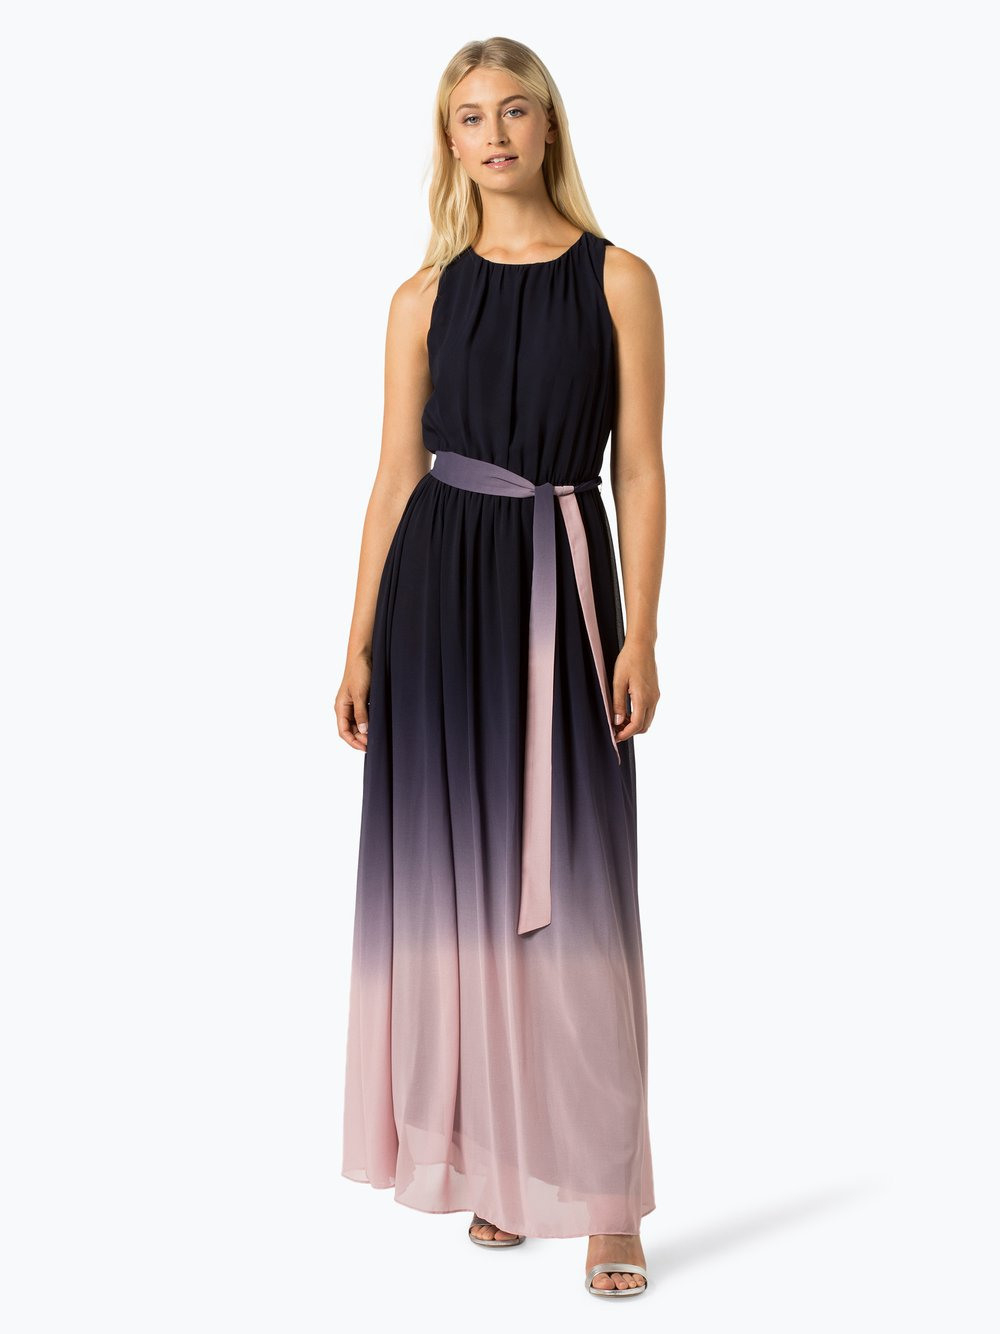 15 Fantastisch Abendkleid Apart ÄrmelDesigner Schön Abendkleid Apart Galerie